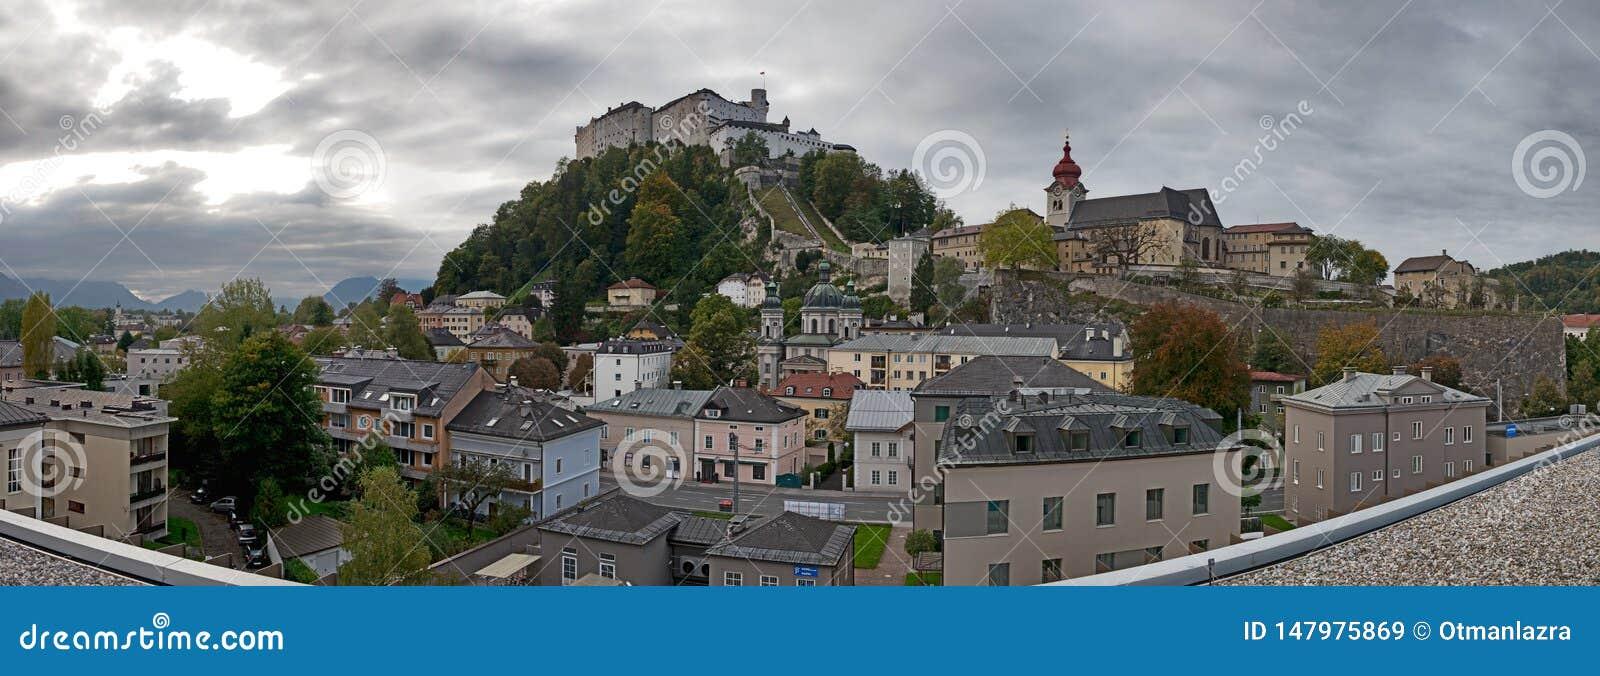 Ορίζοντας του Σάλτζμπουργκ με Festung Hohensalzburg το καλοκαίρι